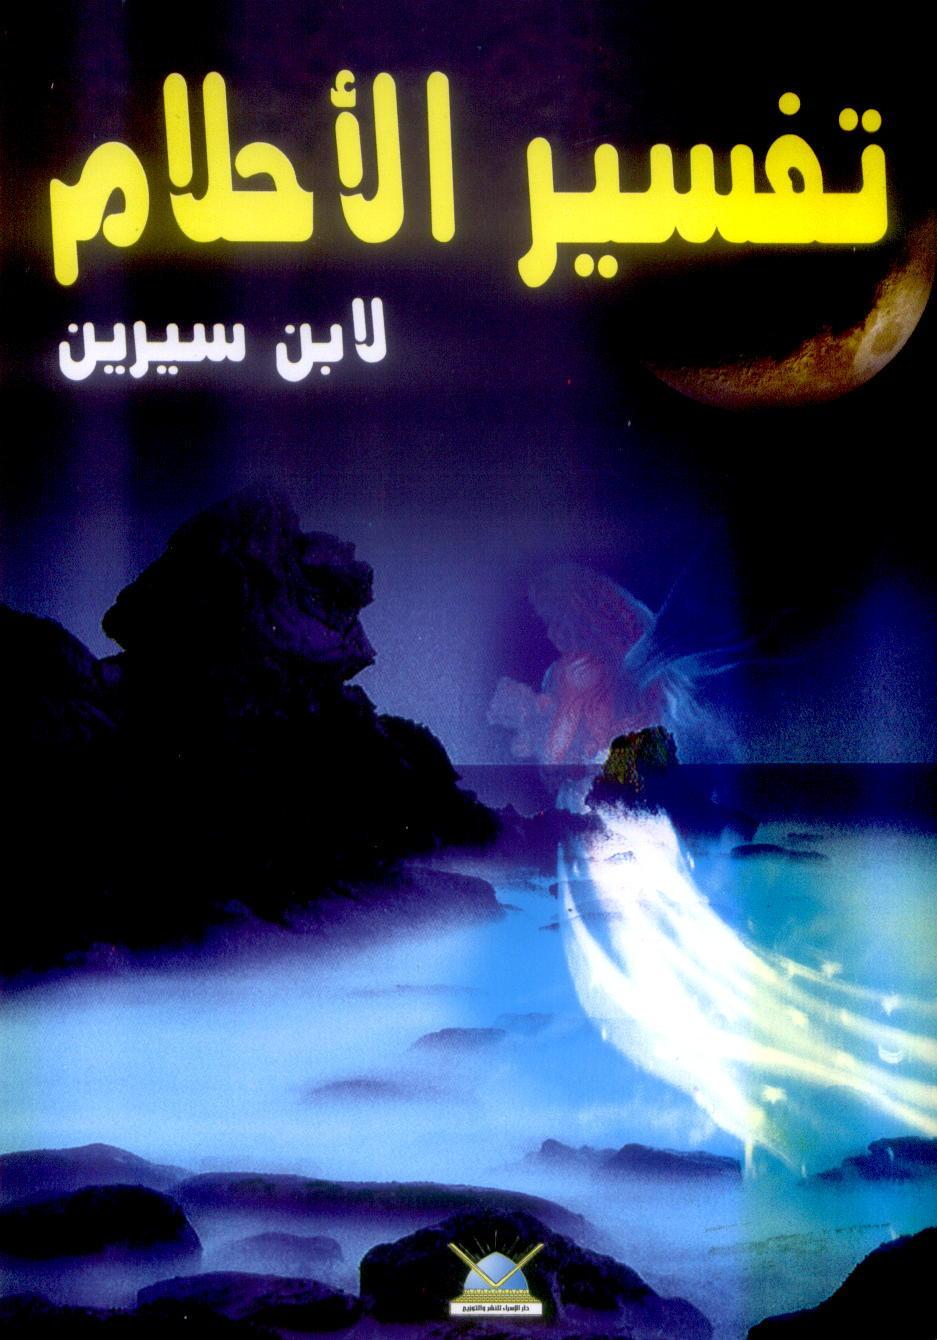 تحميل كتاب تفسير الاحلام لابن شاهين